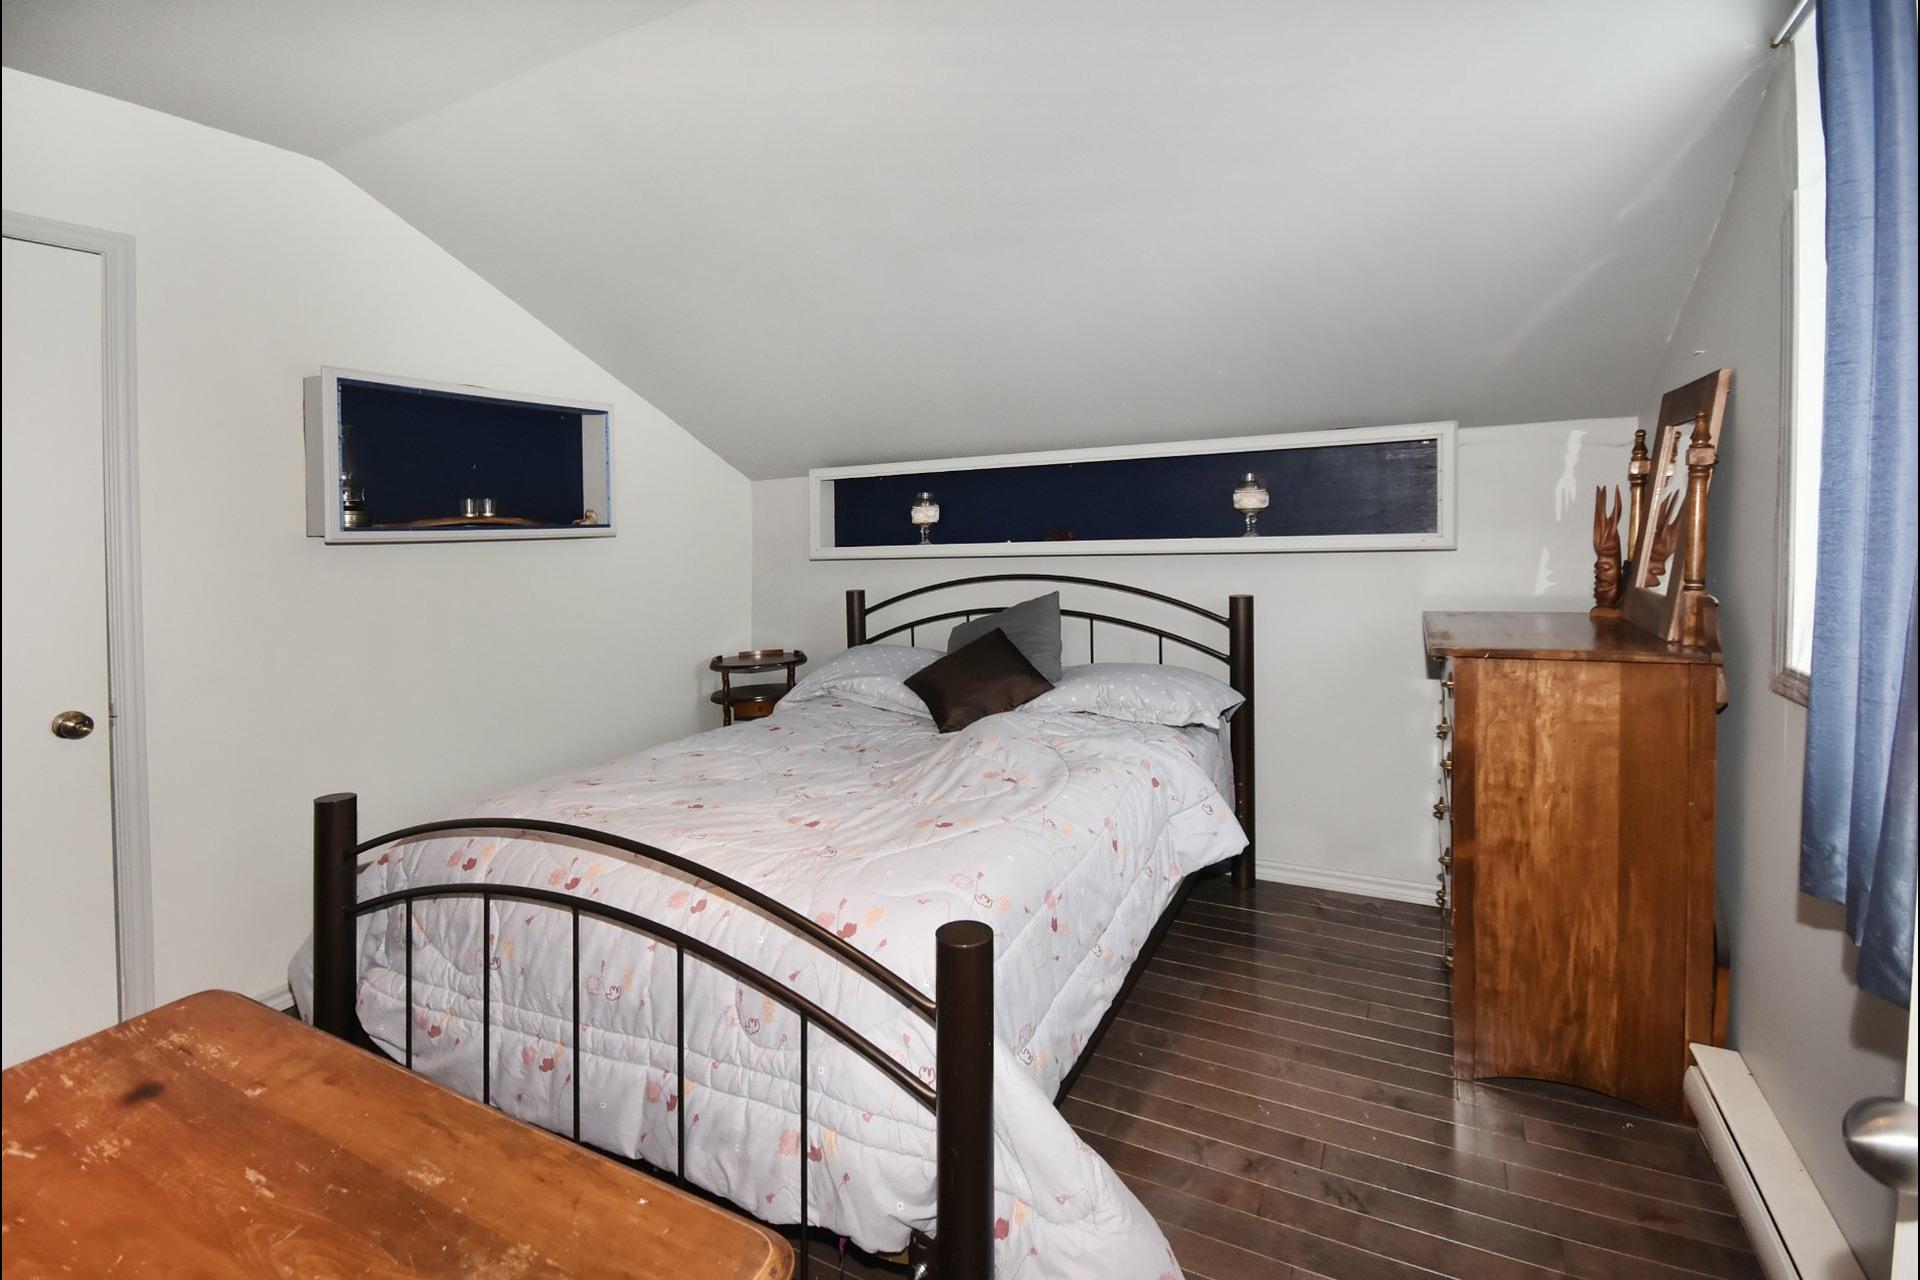 image 5 - Maison À vendre Mandeville - 9 pièces